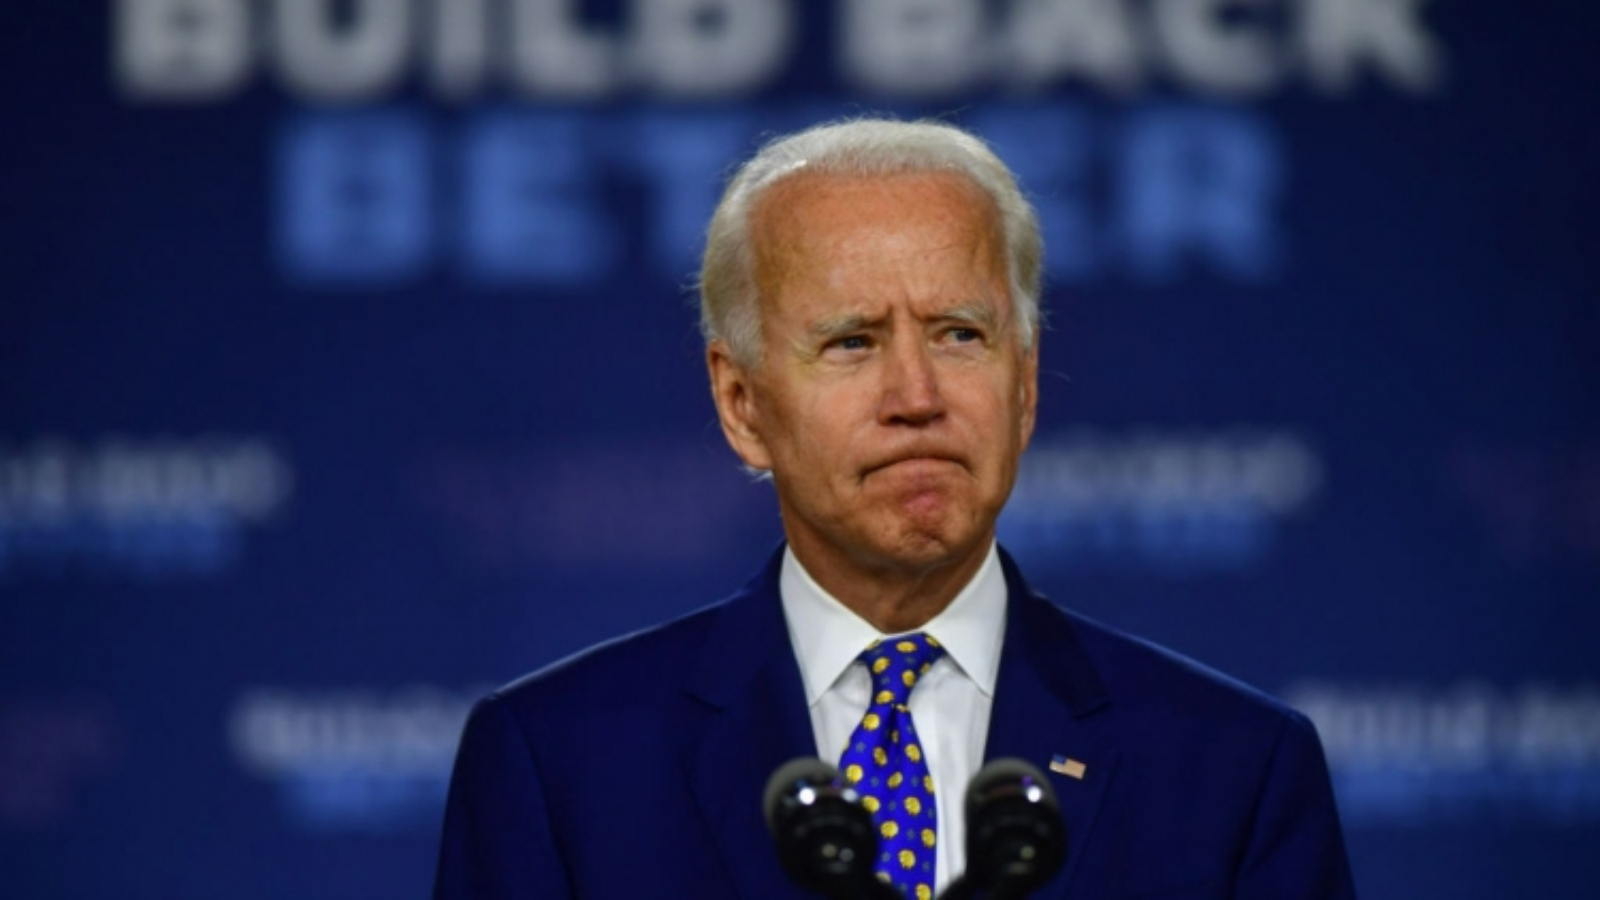 Biden gặp bài toán hóc búa trước những rắc rối pháp lý của Trump